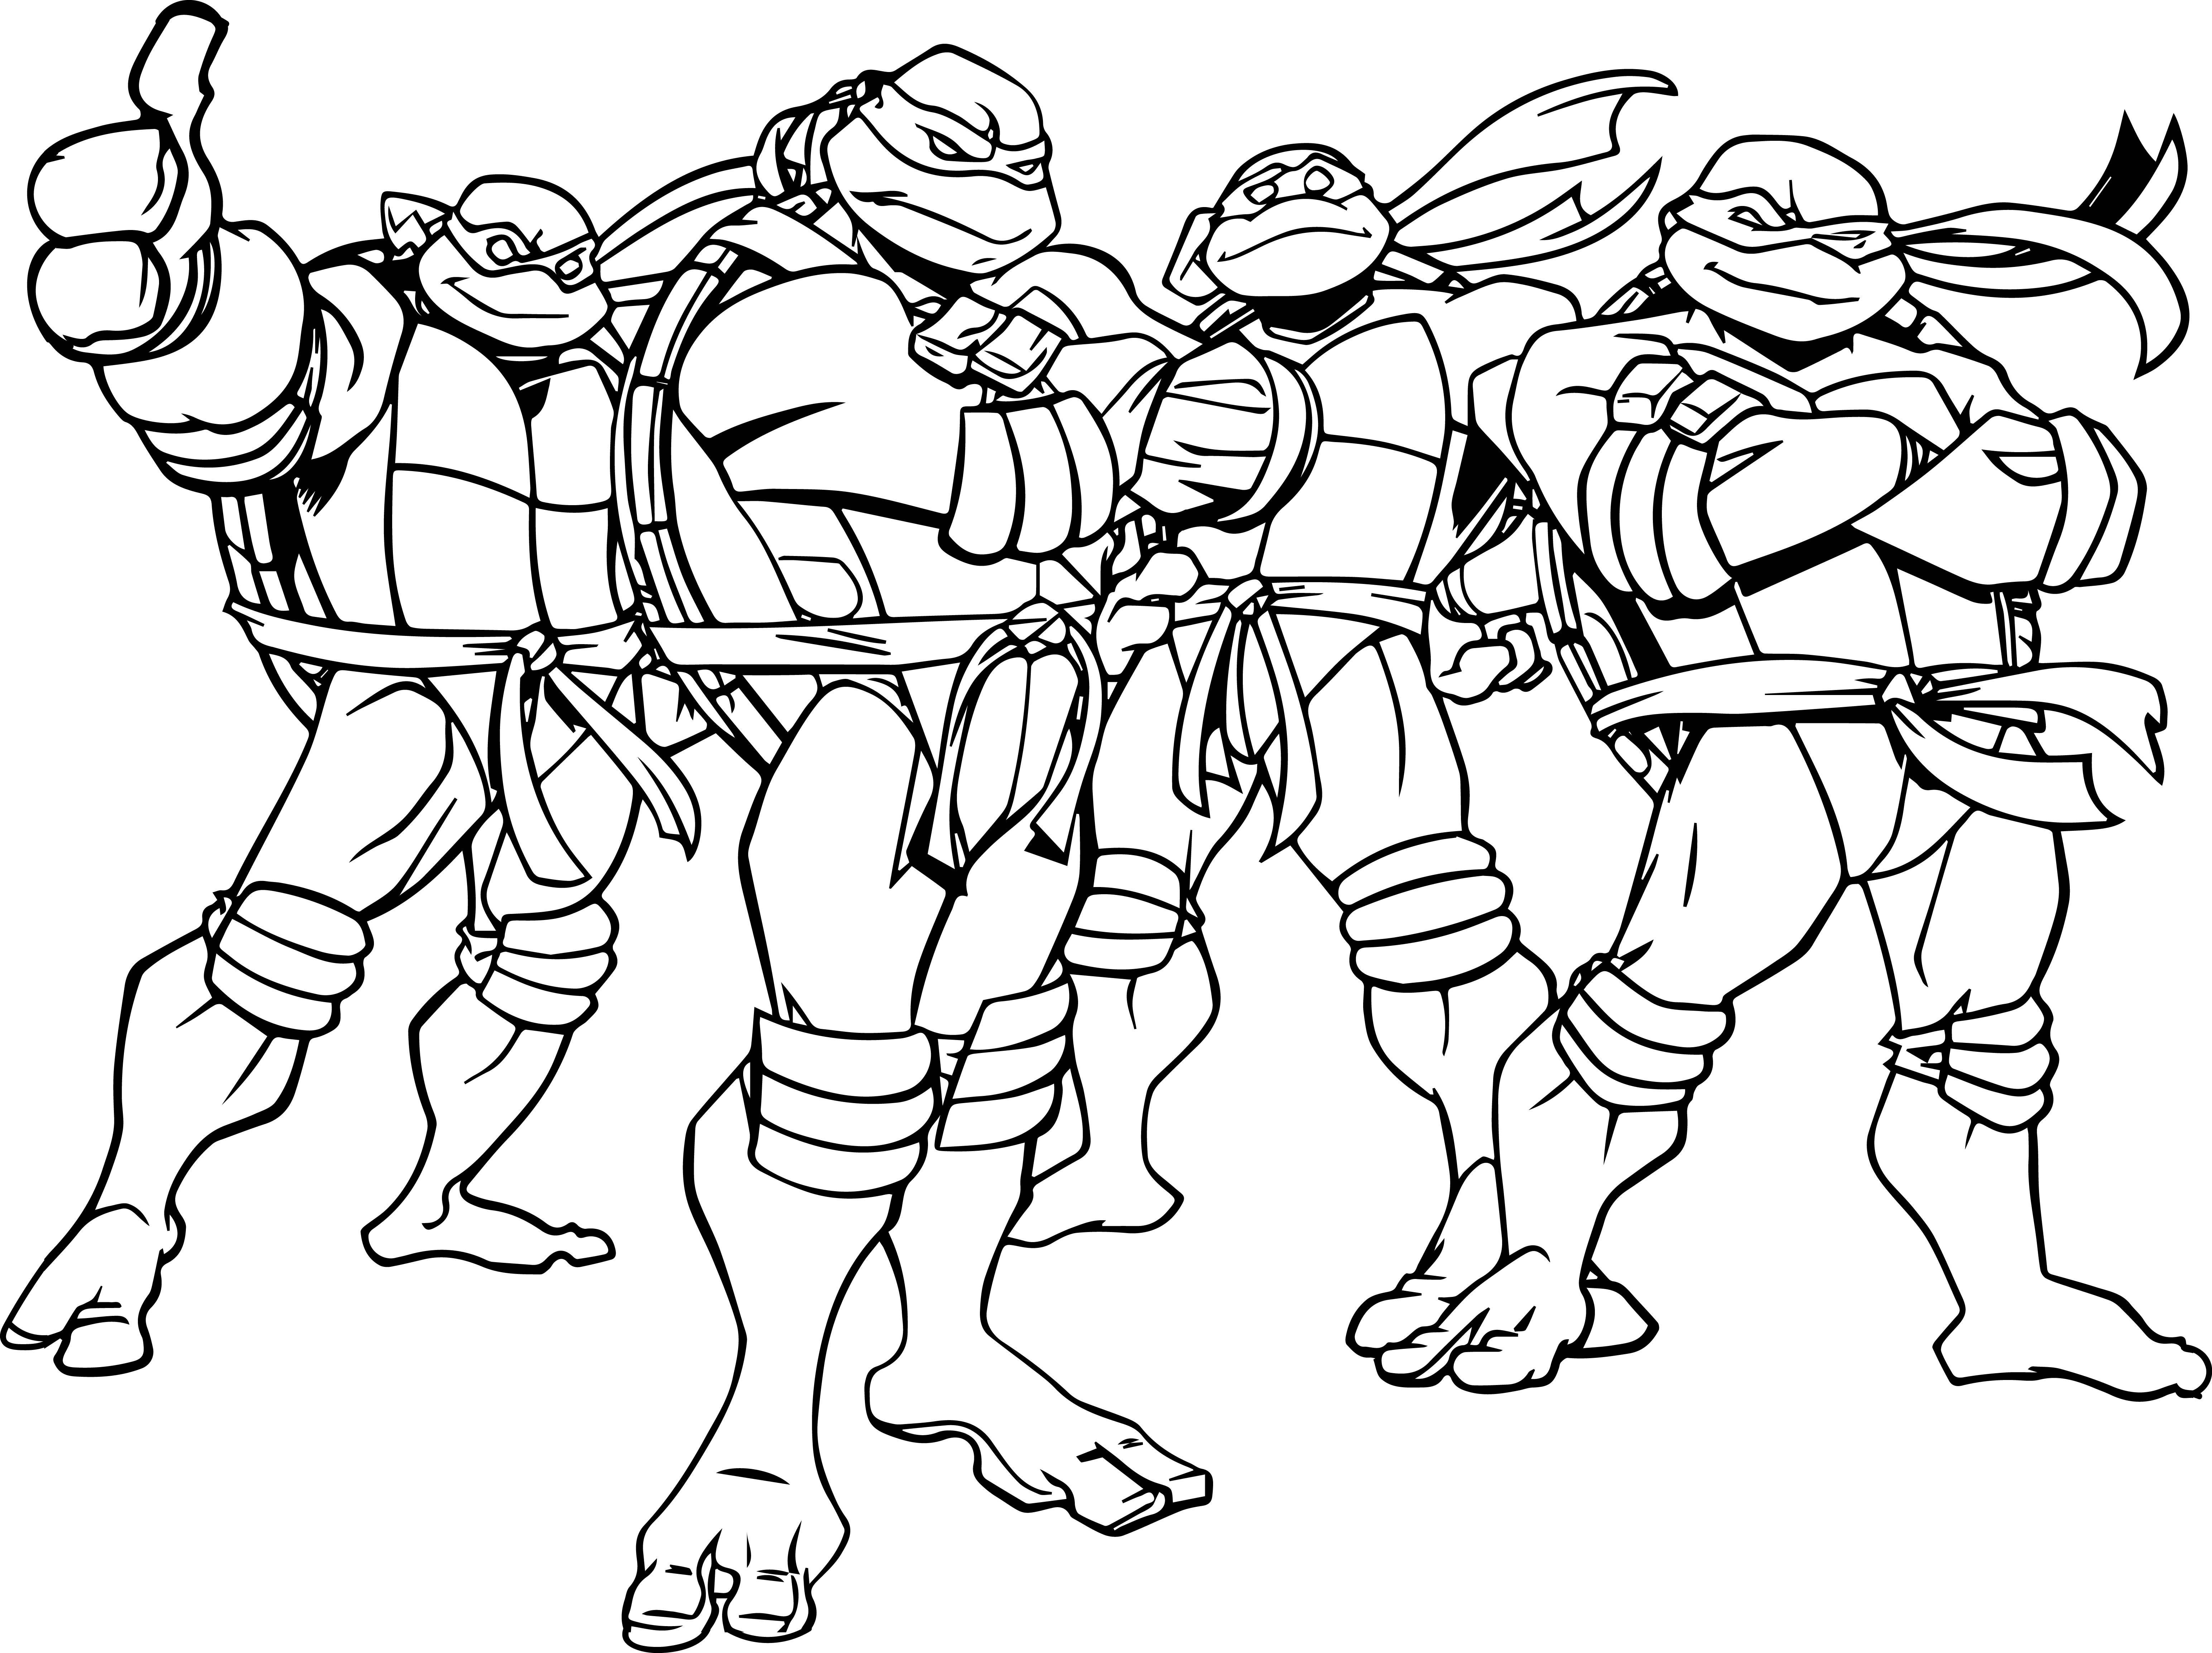 Teenage Mutant Ninja Turtles Coloring Pages Printable At